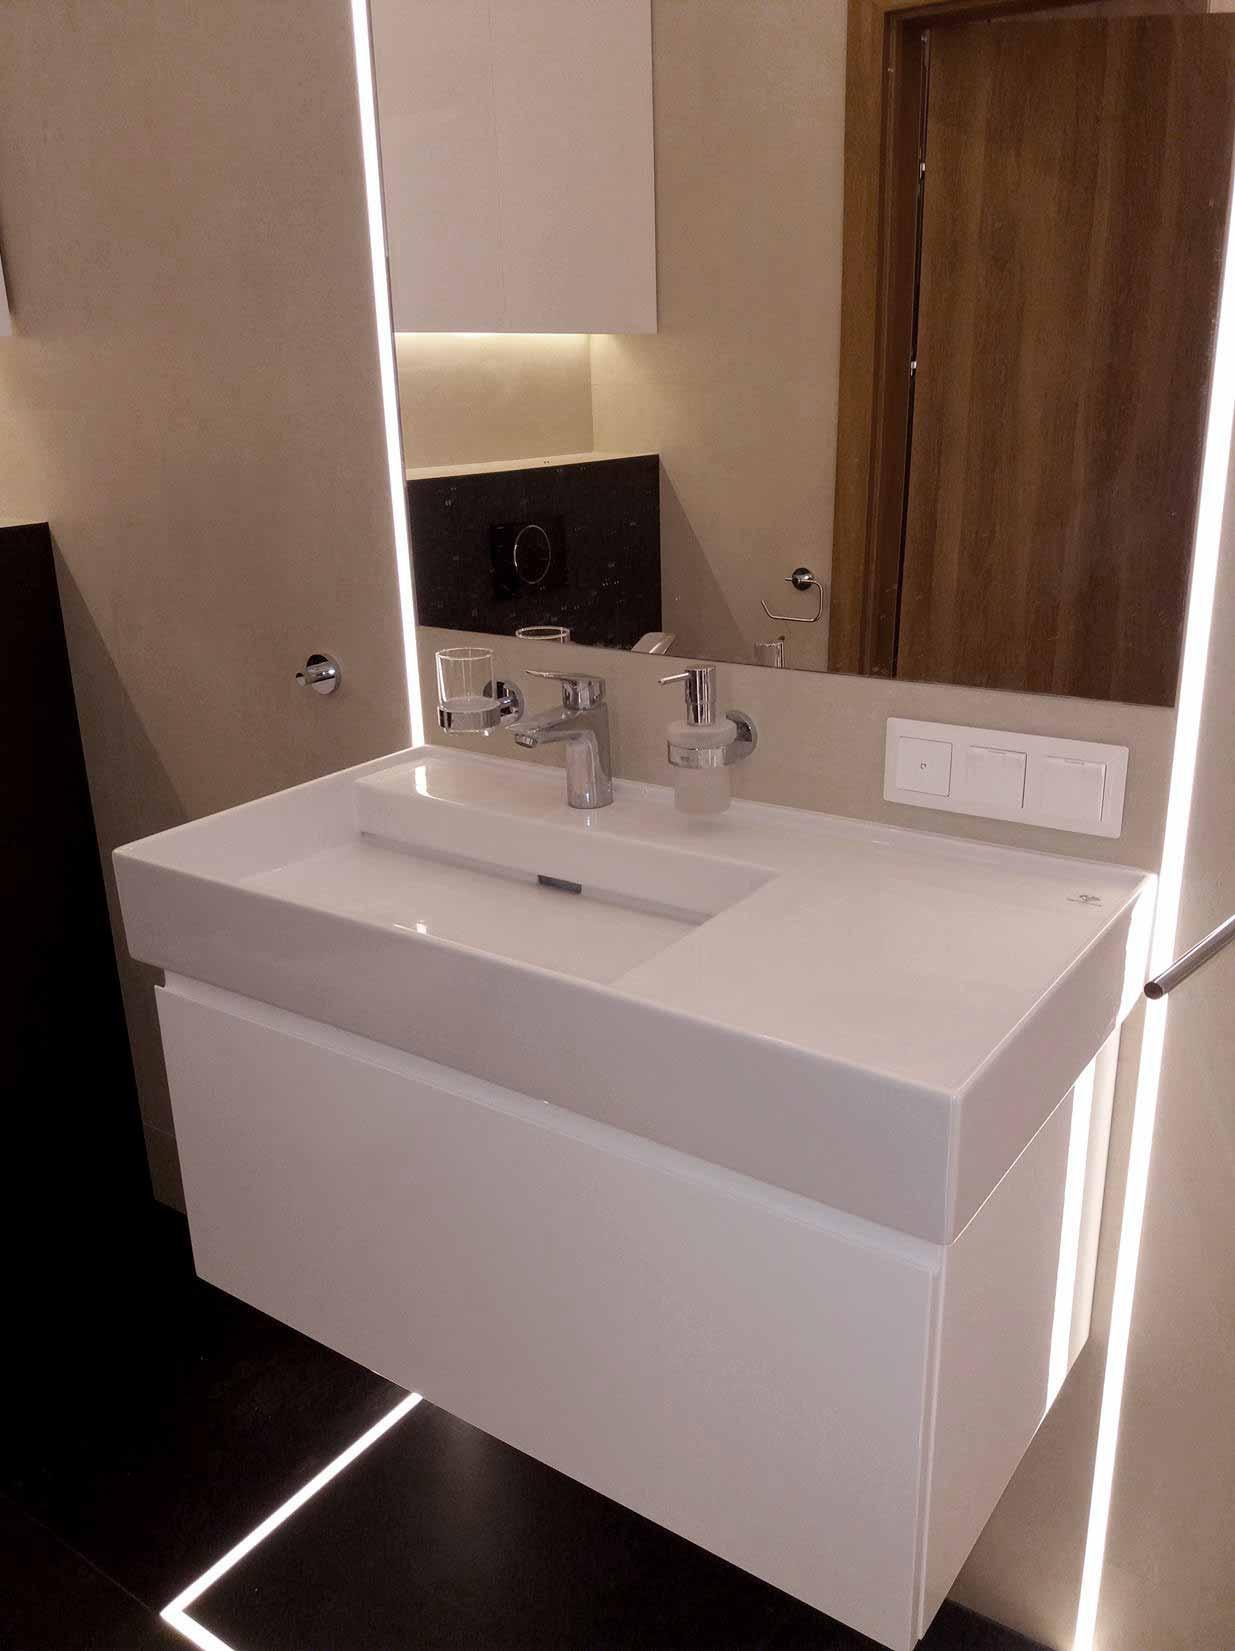 Fronty szafek w WC zostały wykonane z wysokiej jakości płyty MDF, polakierowanej na wysoki połysk, szafka nad